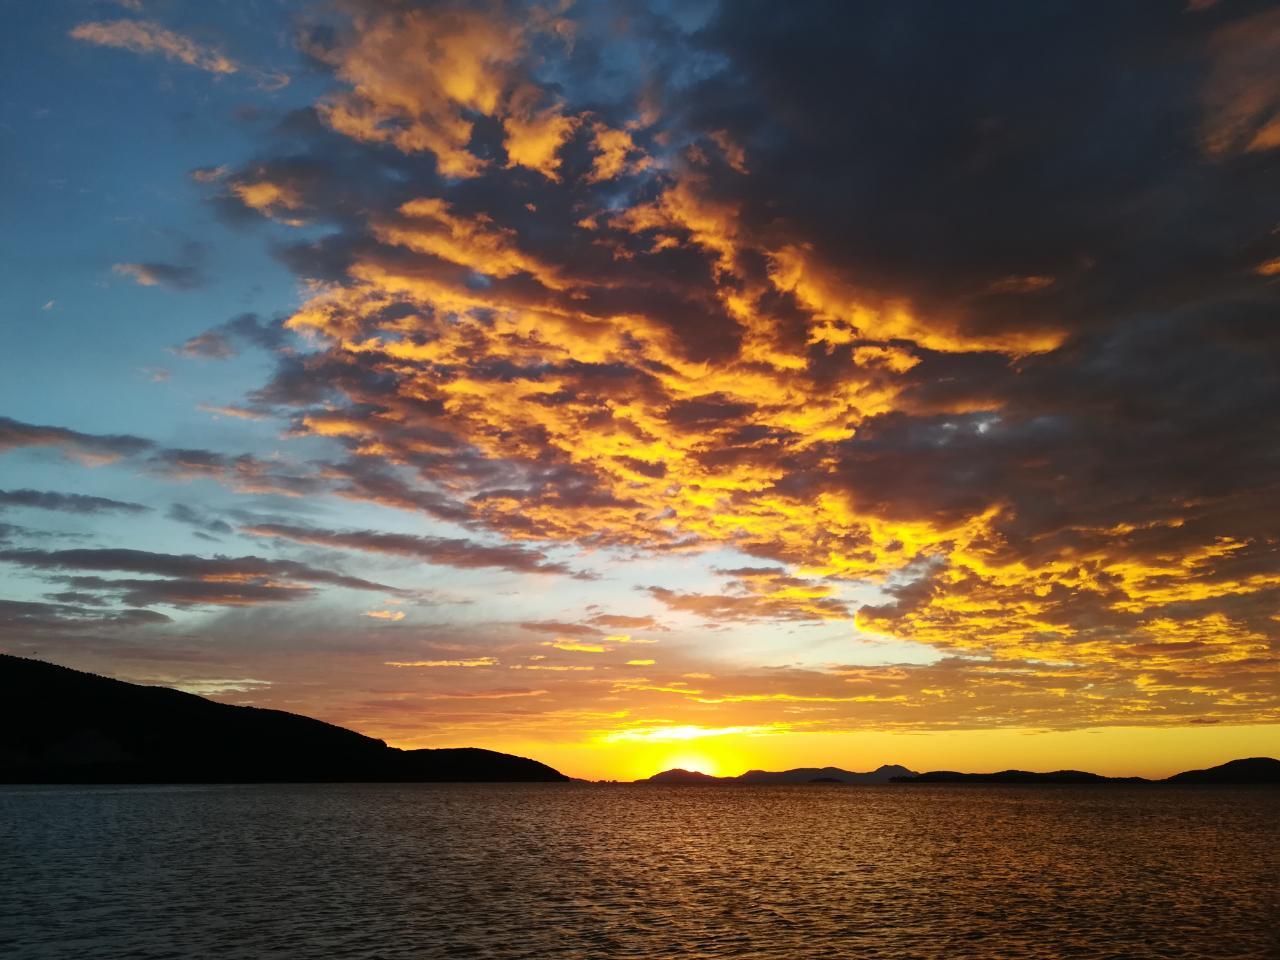 Griechenland Igoumenitsa Sonnenuntergang